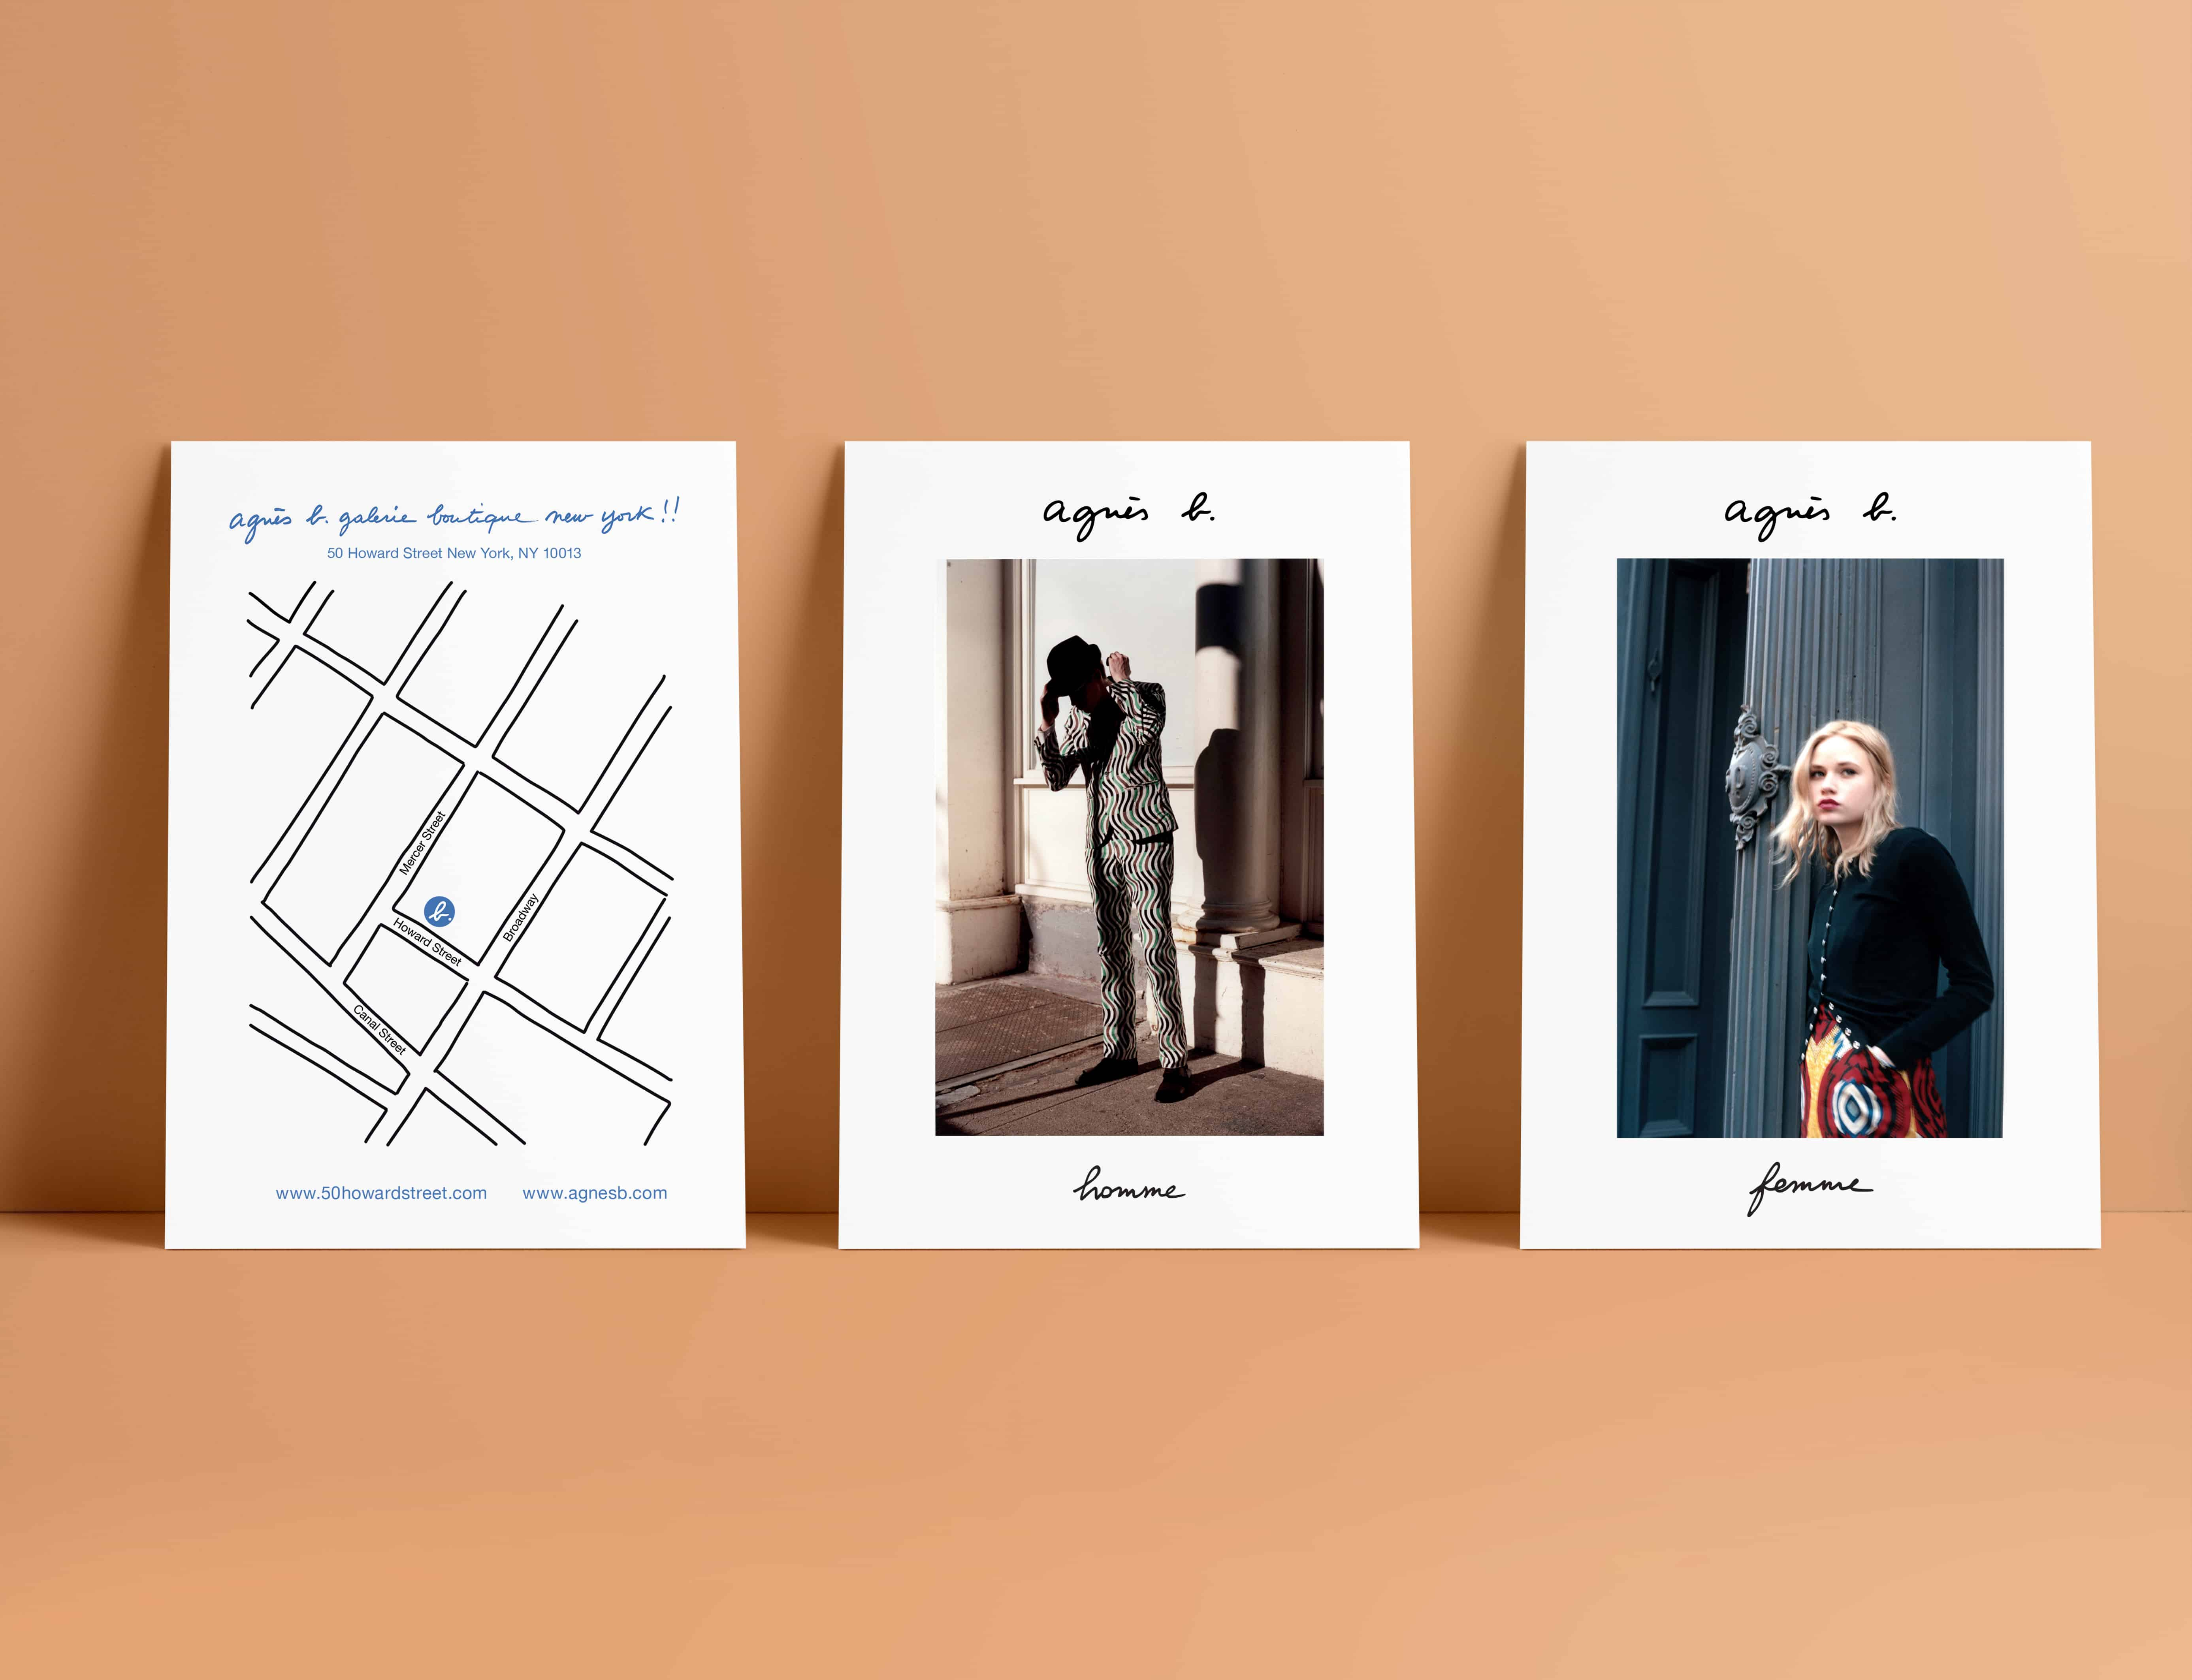 Mise en situation d'une carte postale agnès b de la boutique de New York